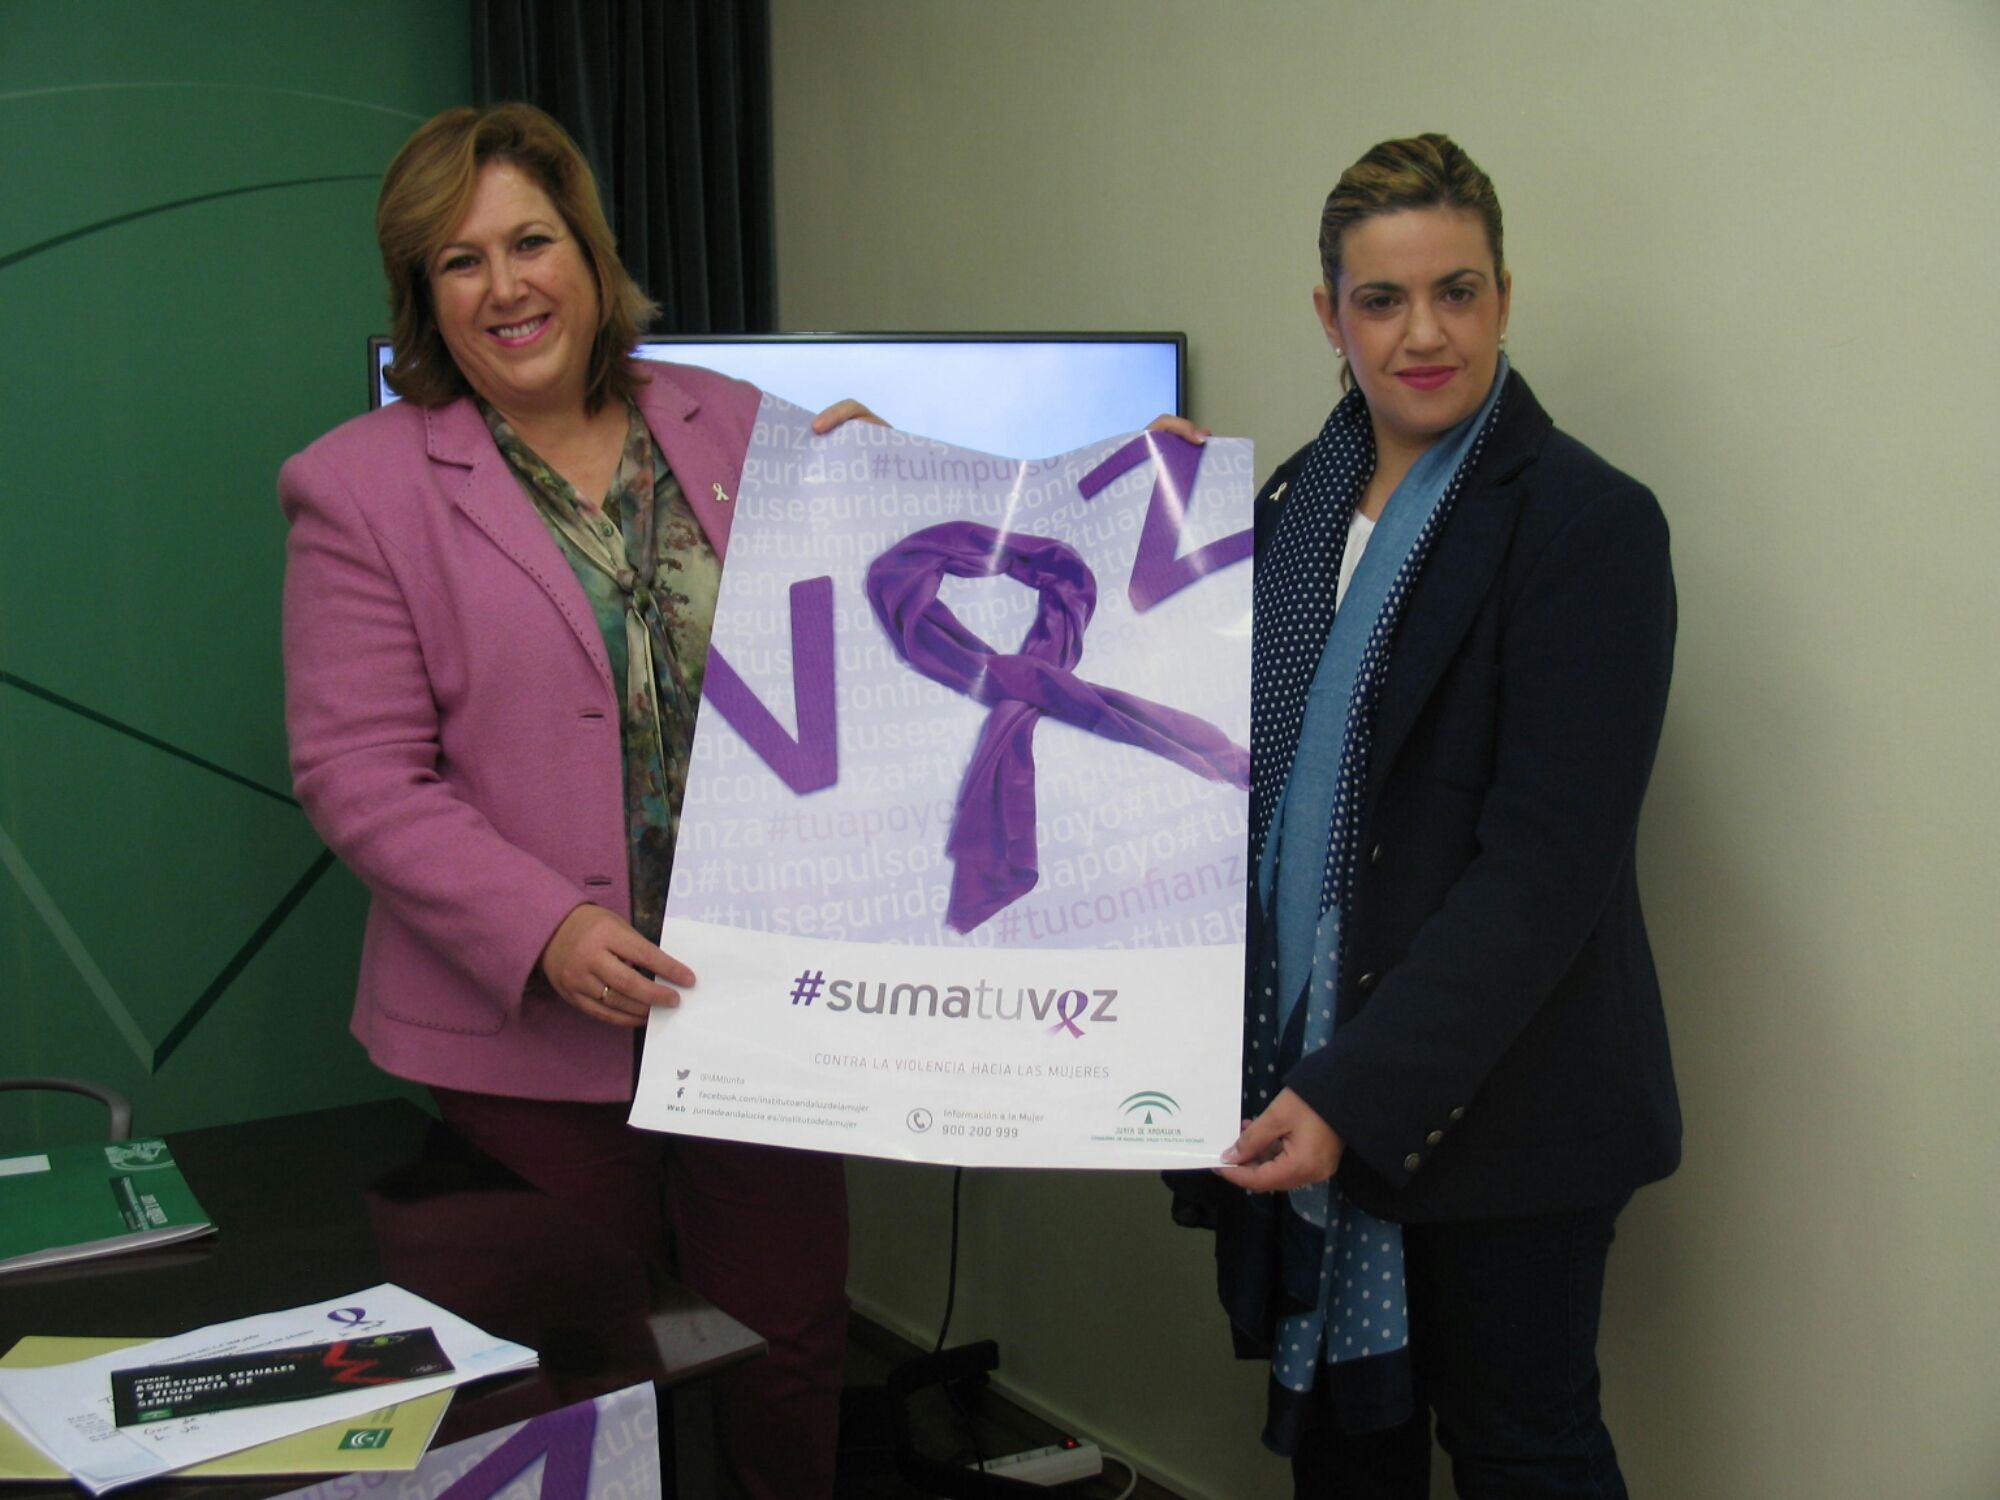 La Junta de Andalucía lanza para el 25 de noviembre la campaña ciudadana #Sumatuvoz contra la violencia machista